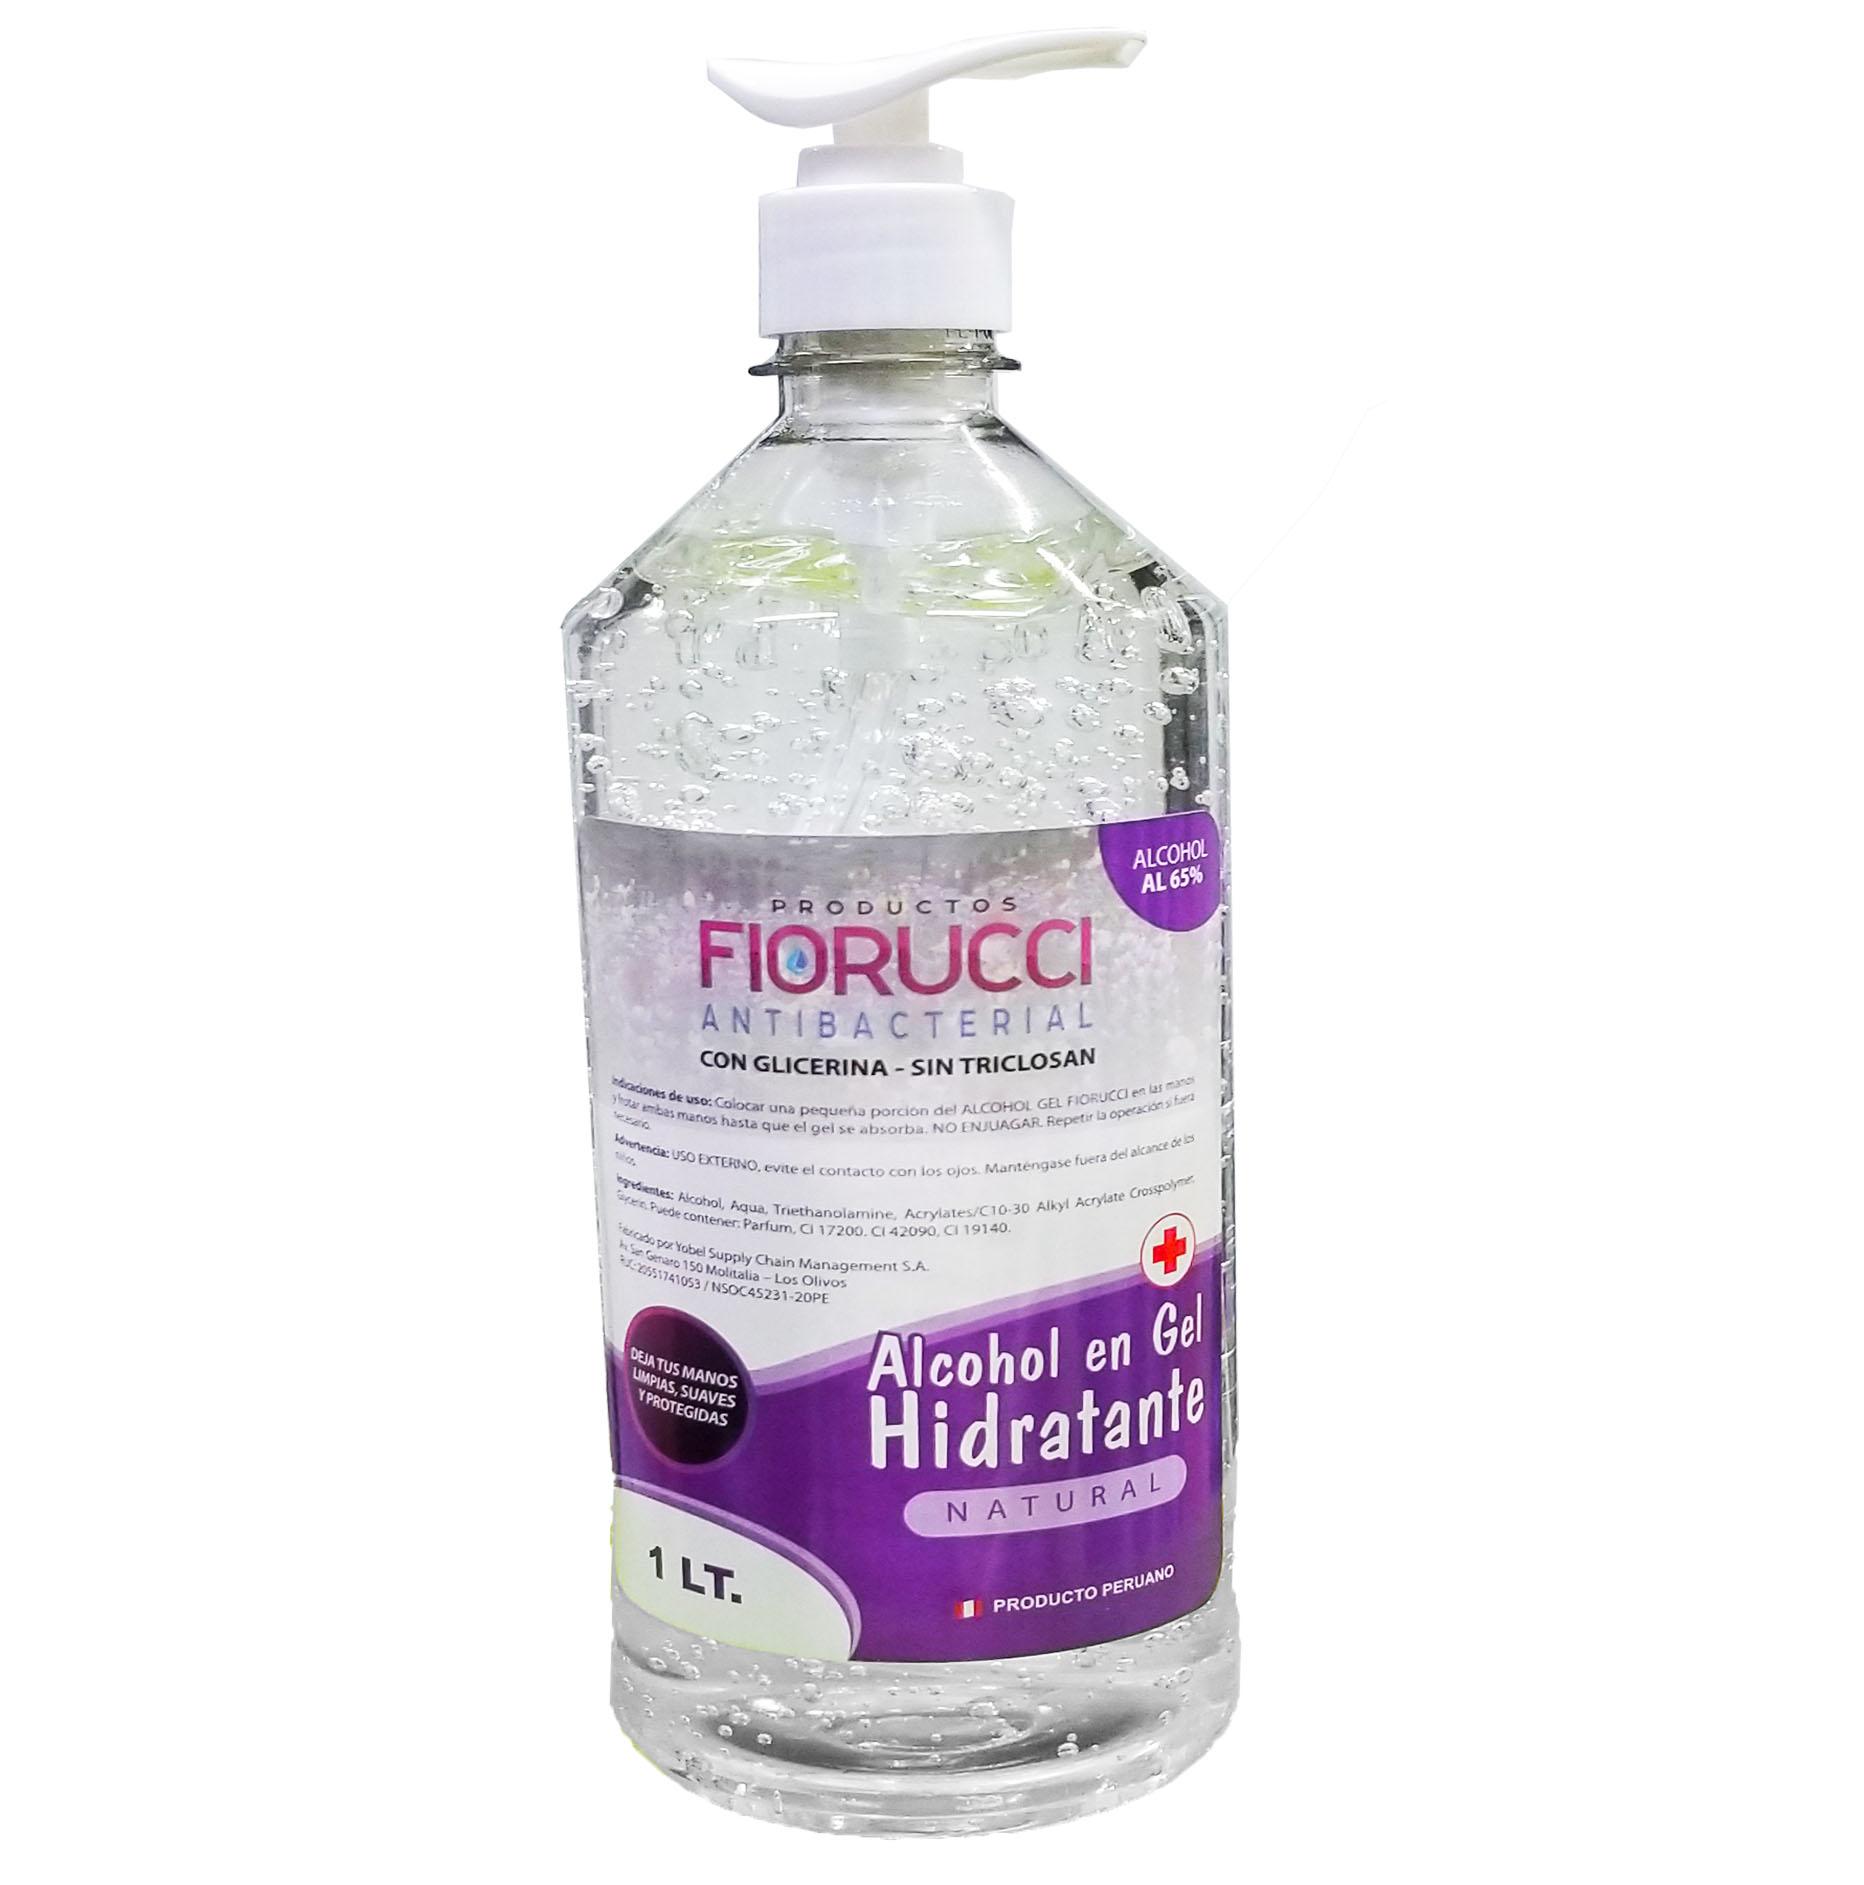 Alcohol En Gel Hidratante Botella De 1 Litro